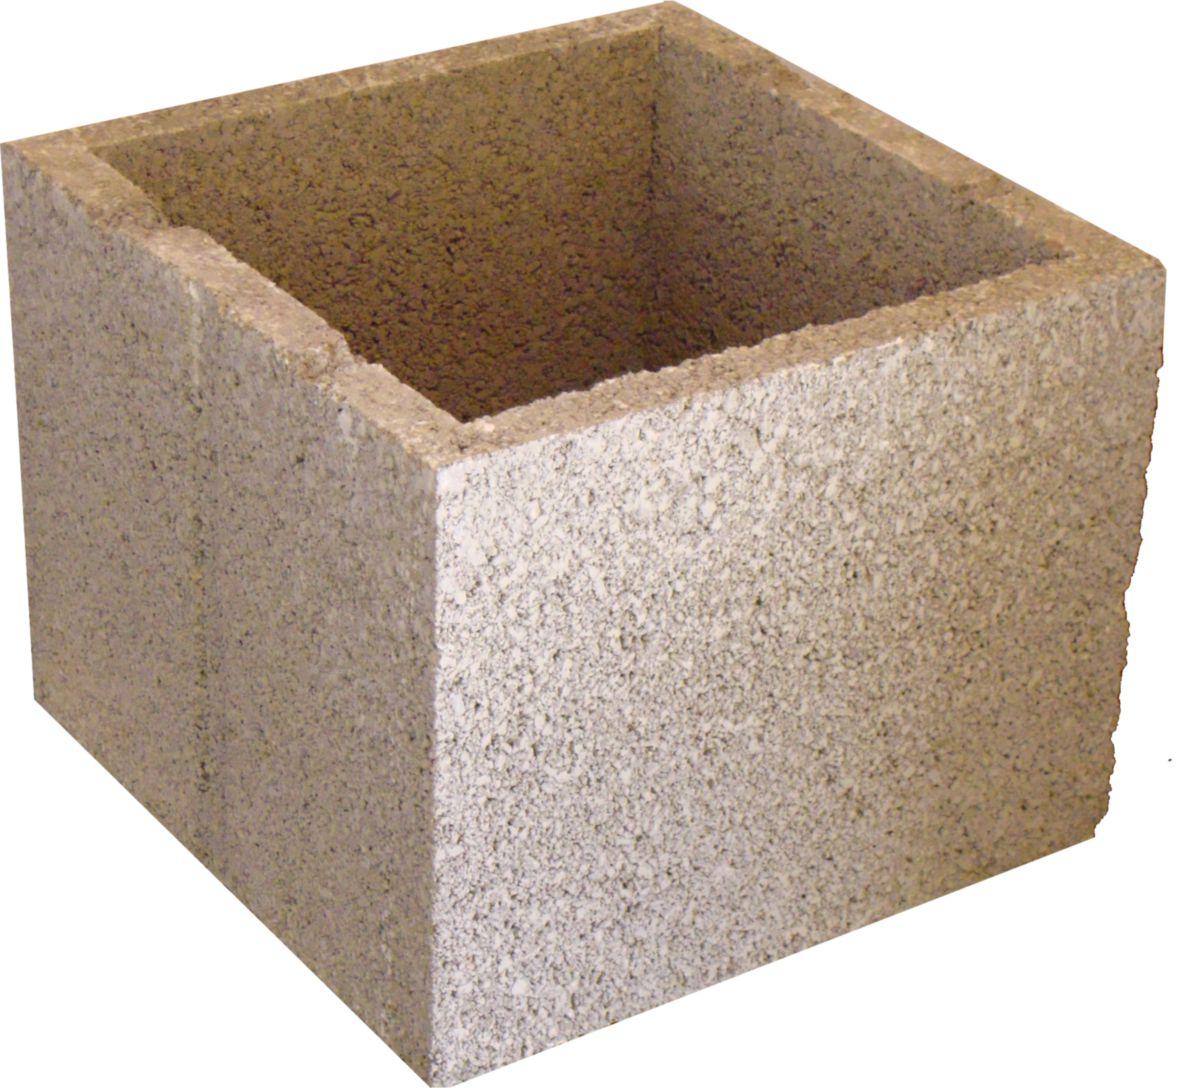 ultibat bloc pour pilier b ton 30x30x25 cm point p. Black Bedroom Furniture Sets. Home Design Ideas